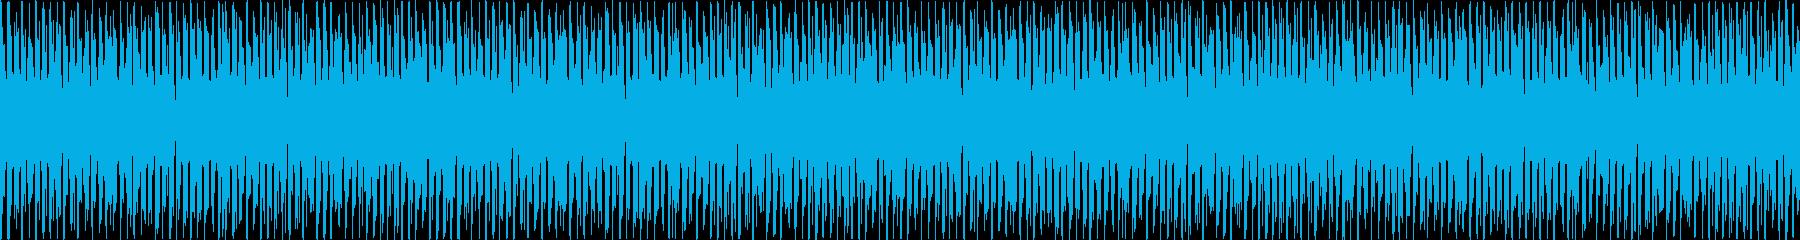 幻想的で力強い生演奏ループ音源の再生済みの波形